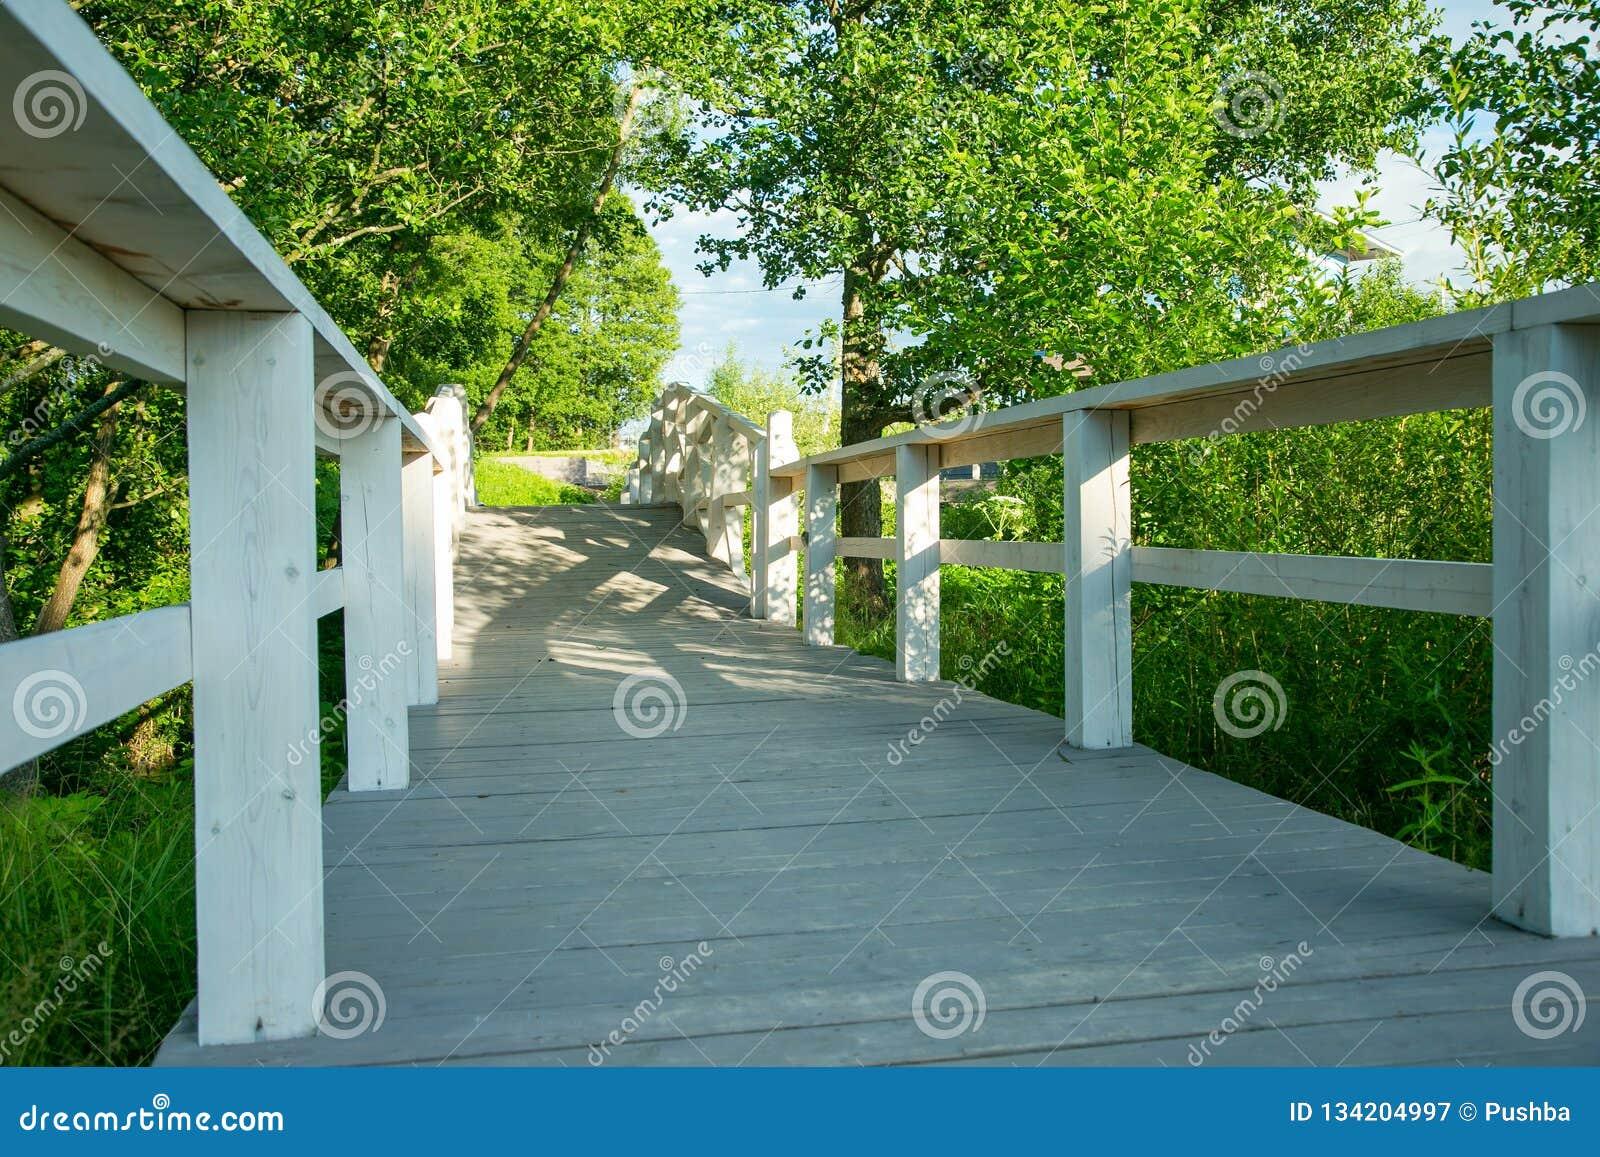 Holzbrücke Im Garten Stockbild Bild Von Dekorativ Element 134204997